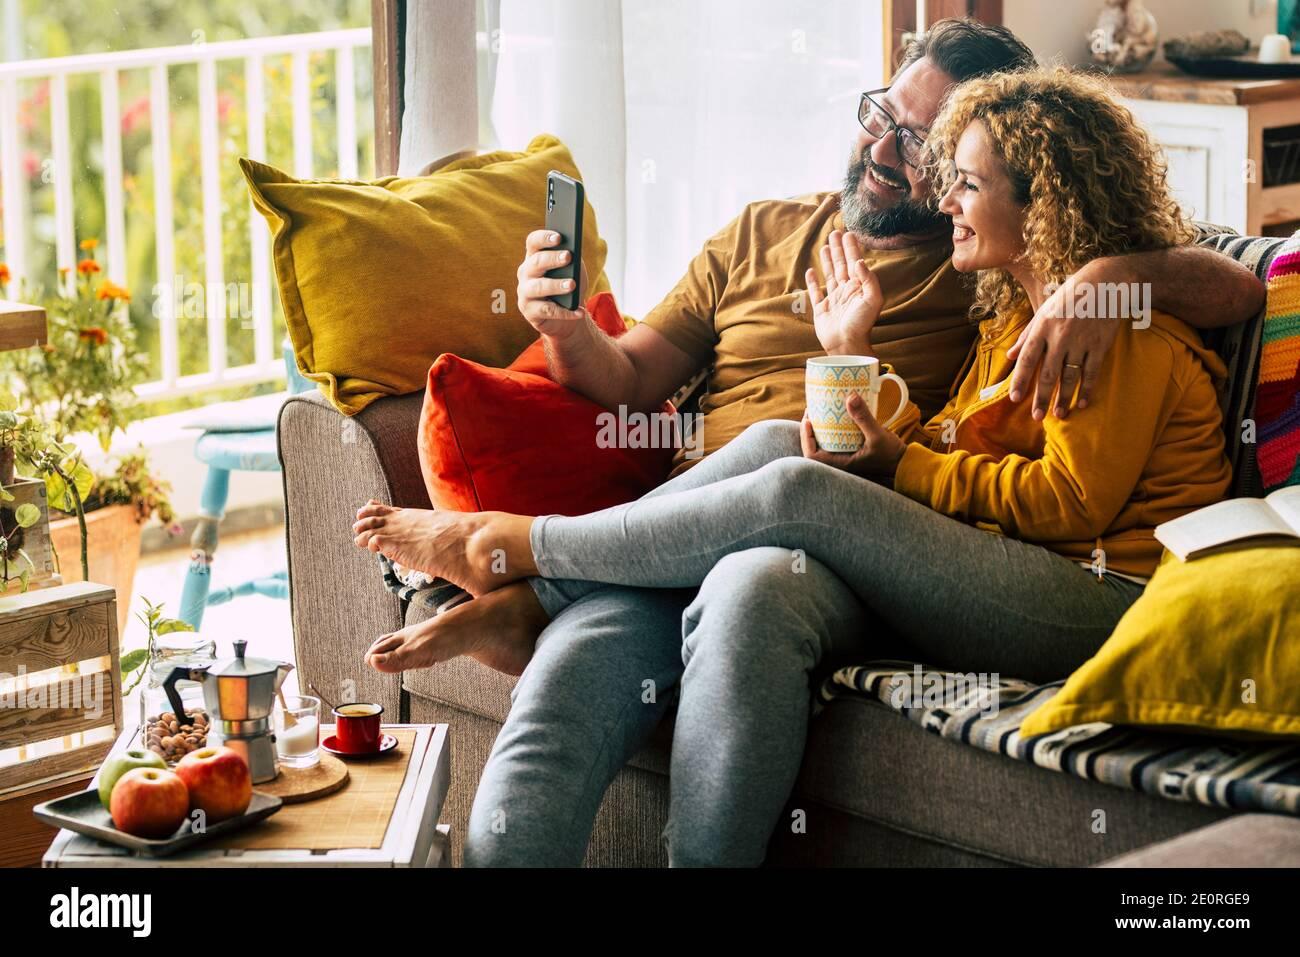 Adulto felice coppia uomo e donna a casa godersi la mattina colazione e videochiamata ad amici o genitori - gente caucasica allegra acti indoor Foto Stock